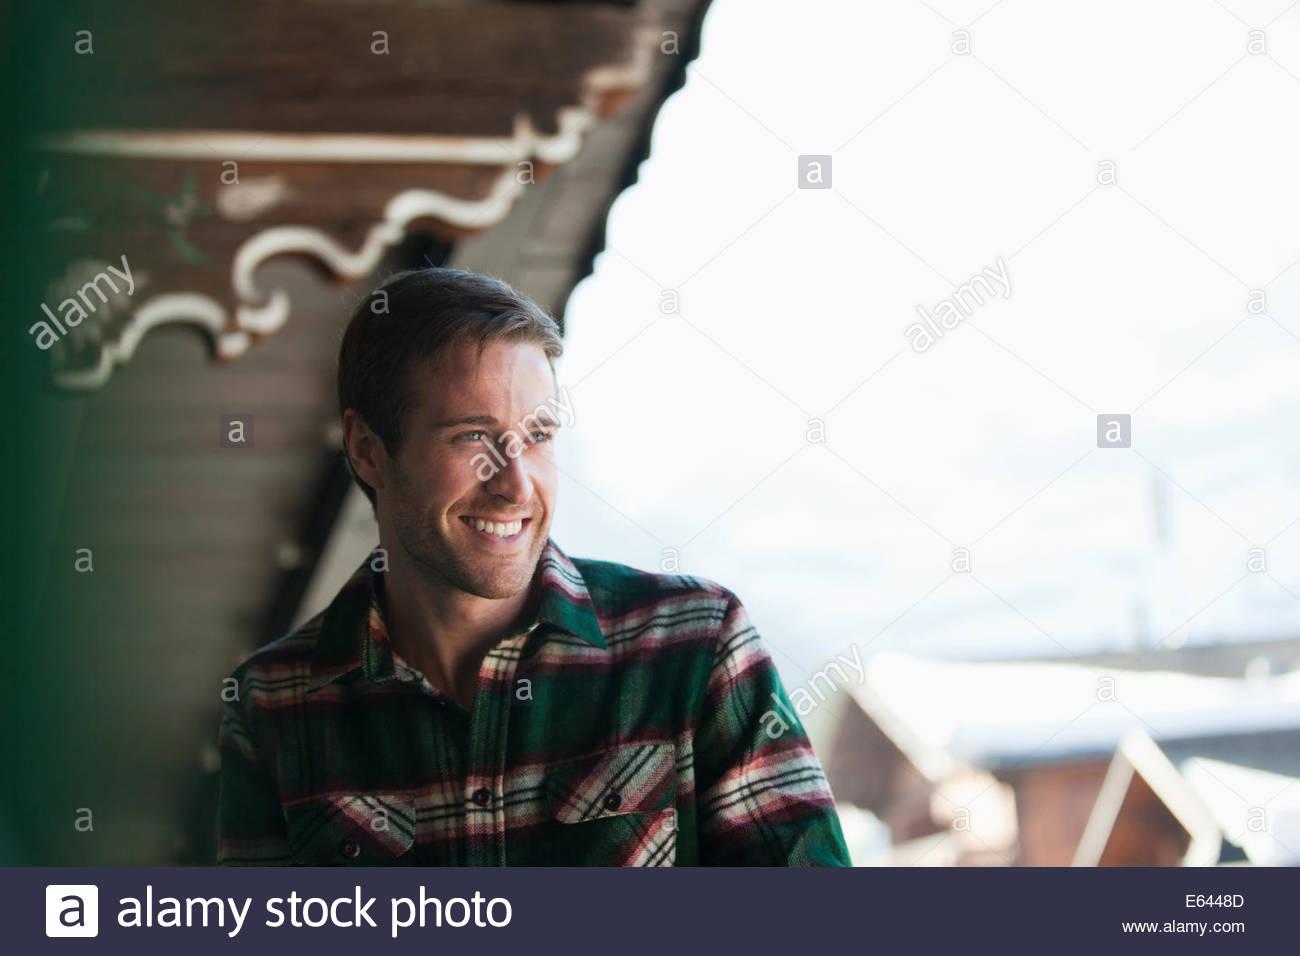 El hombre riendo en cabina porche Imagen De Stock